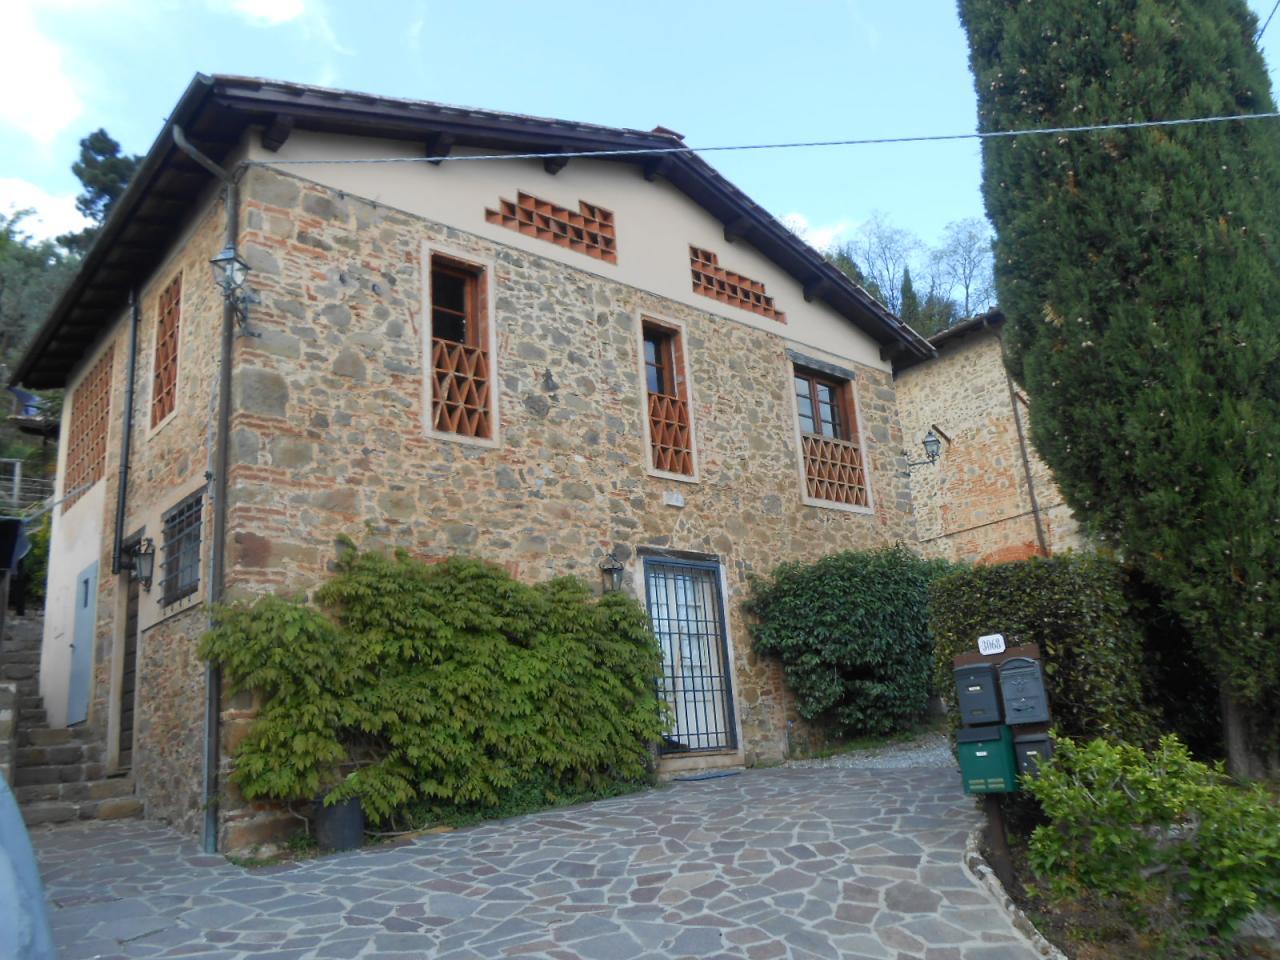 Rustico / Casale in affitto a Lucca, 10 locali, prezzo € 1.500 | Cambio Casa.it